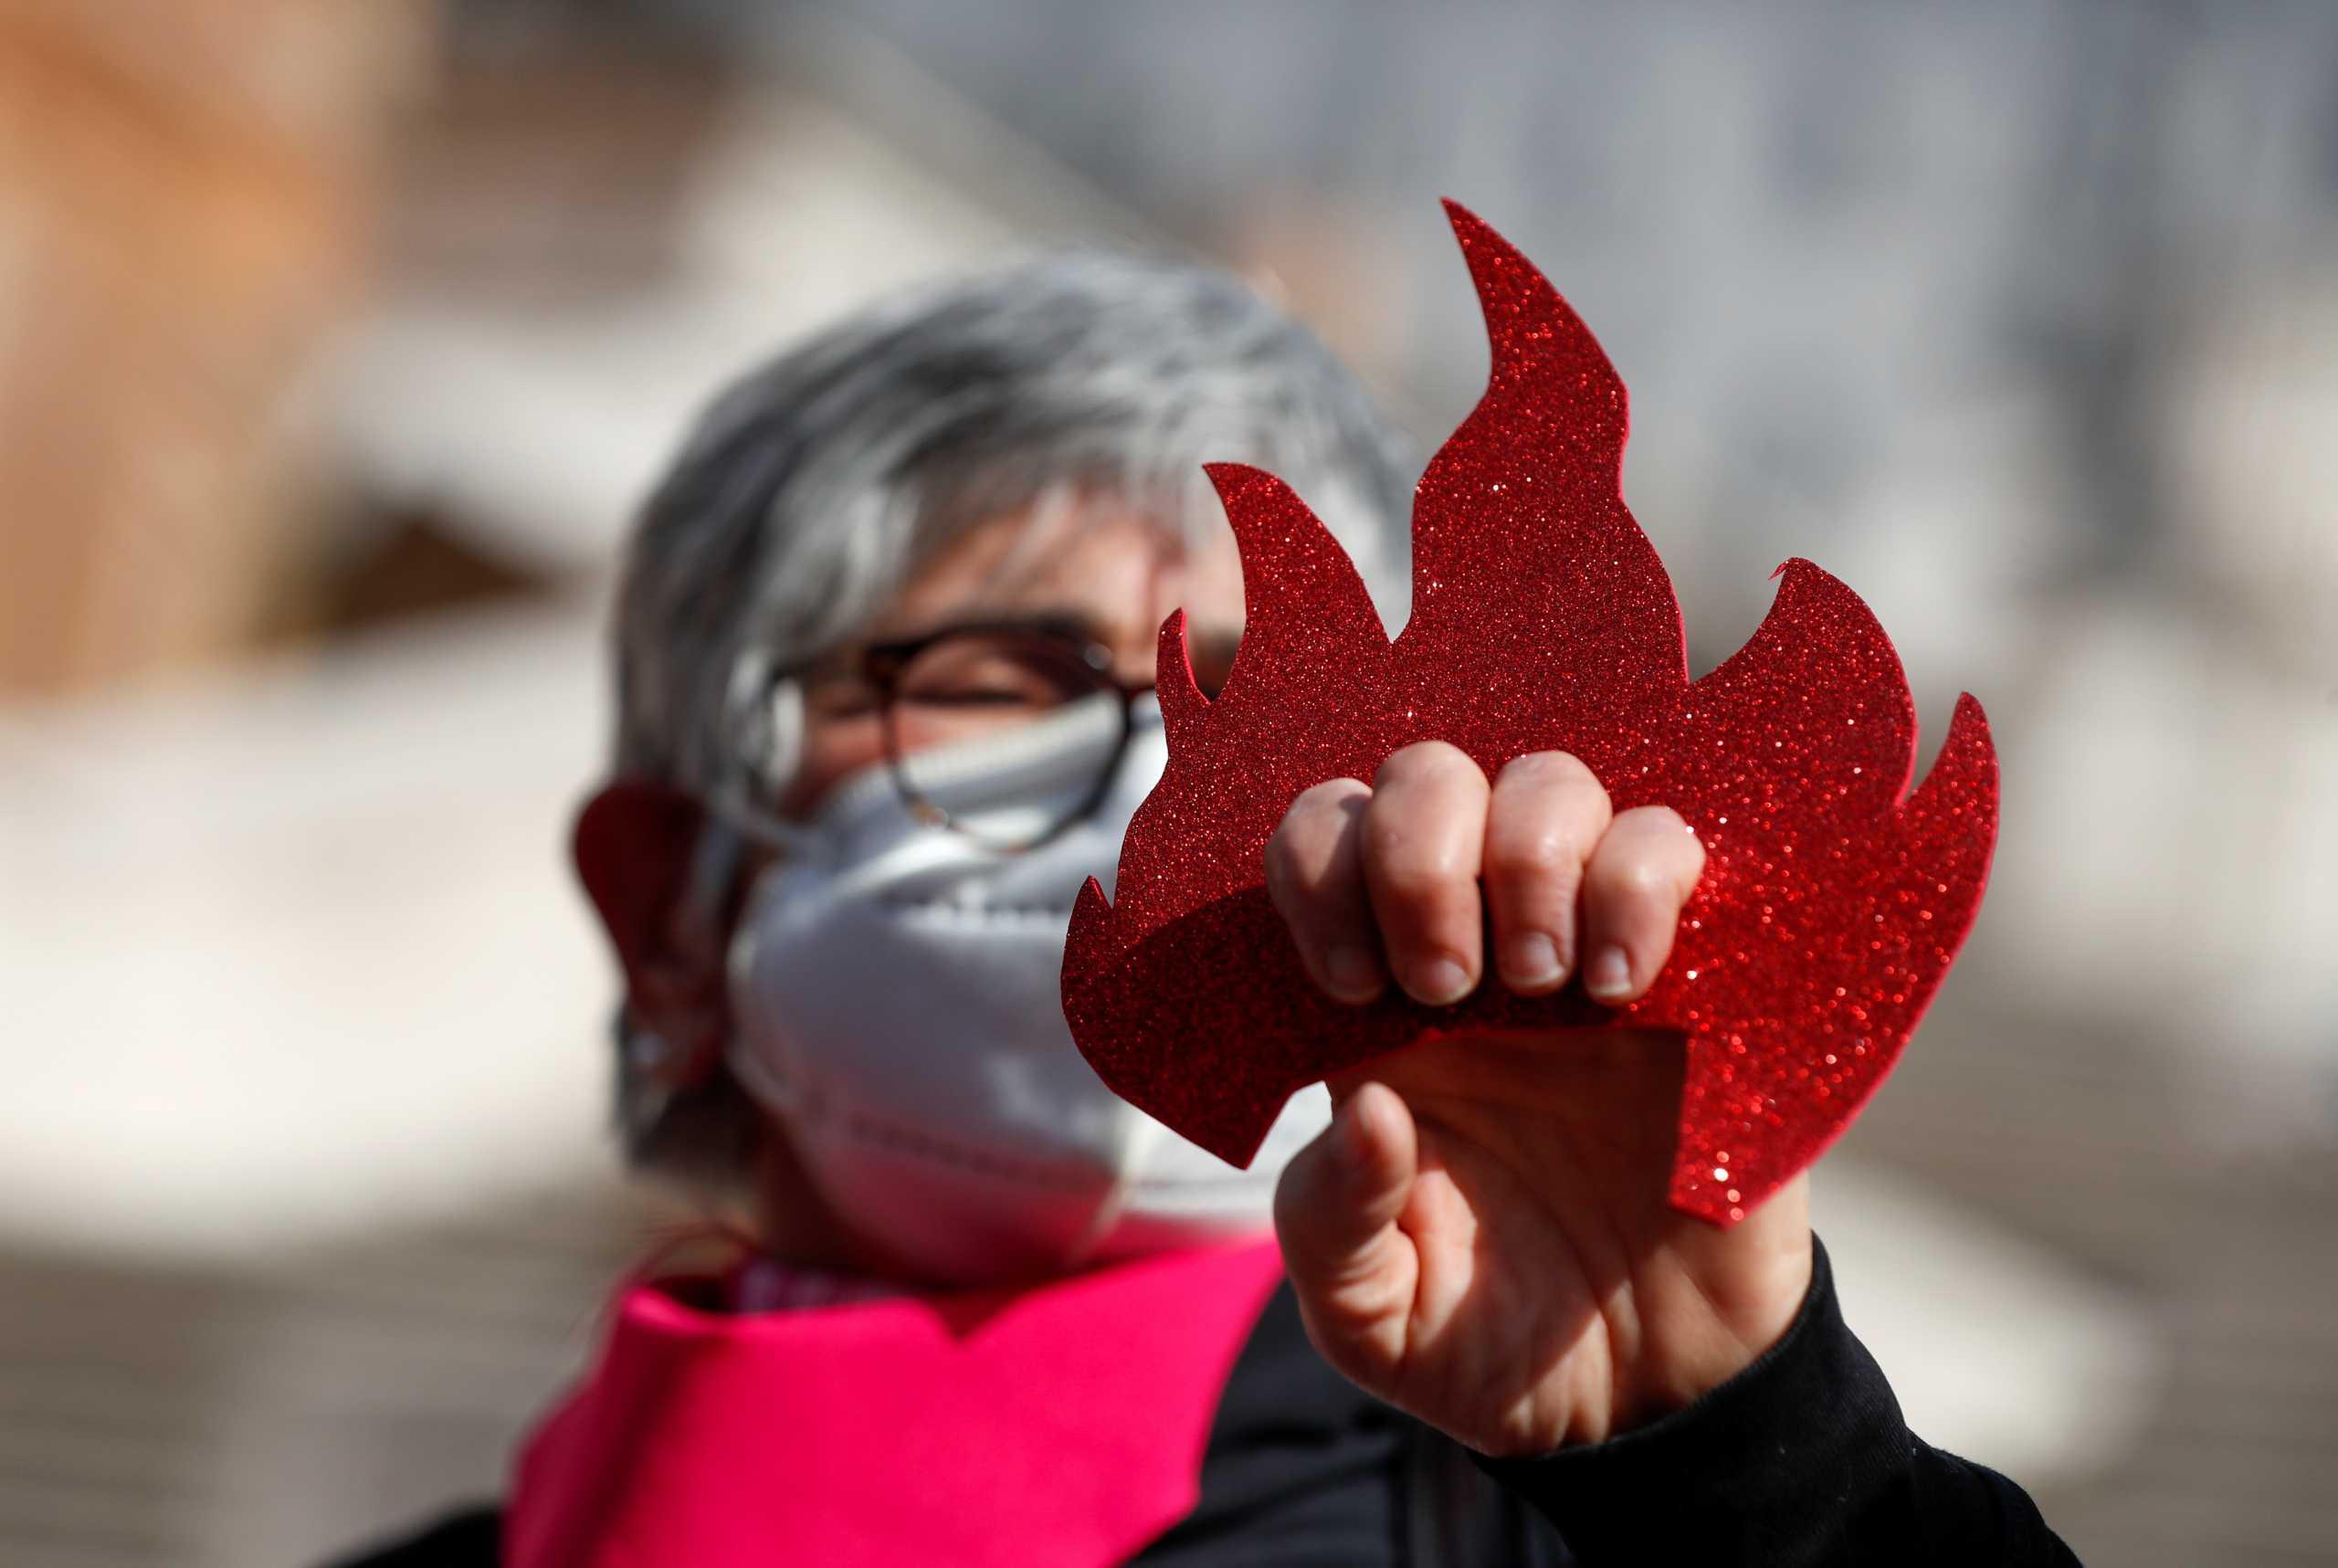 Φεμινιστική απεργία τη Δευτέρα στη Γαλλία για τις αδικίες της υγειονομικής κρίσης